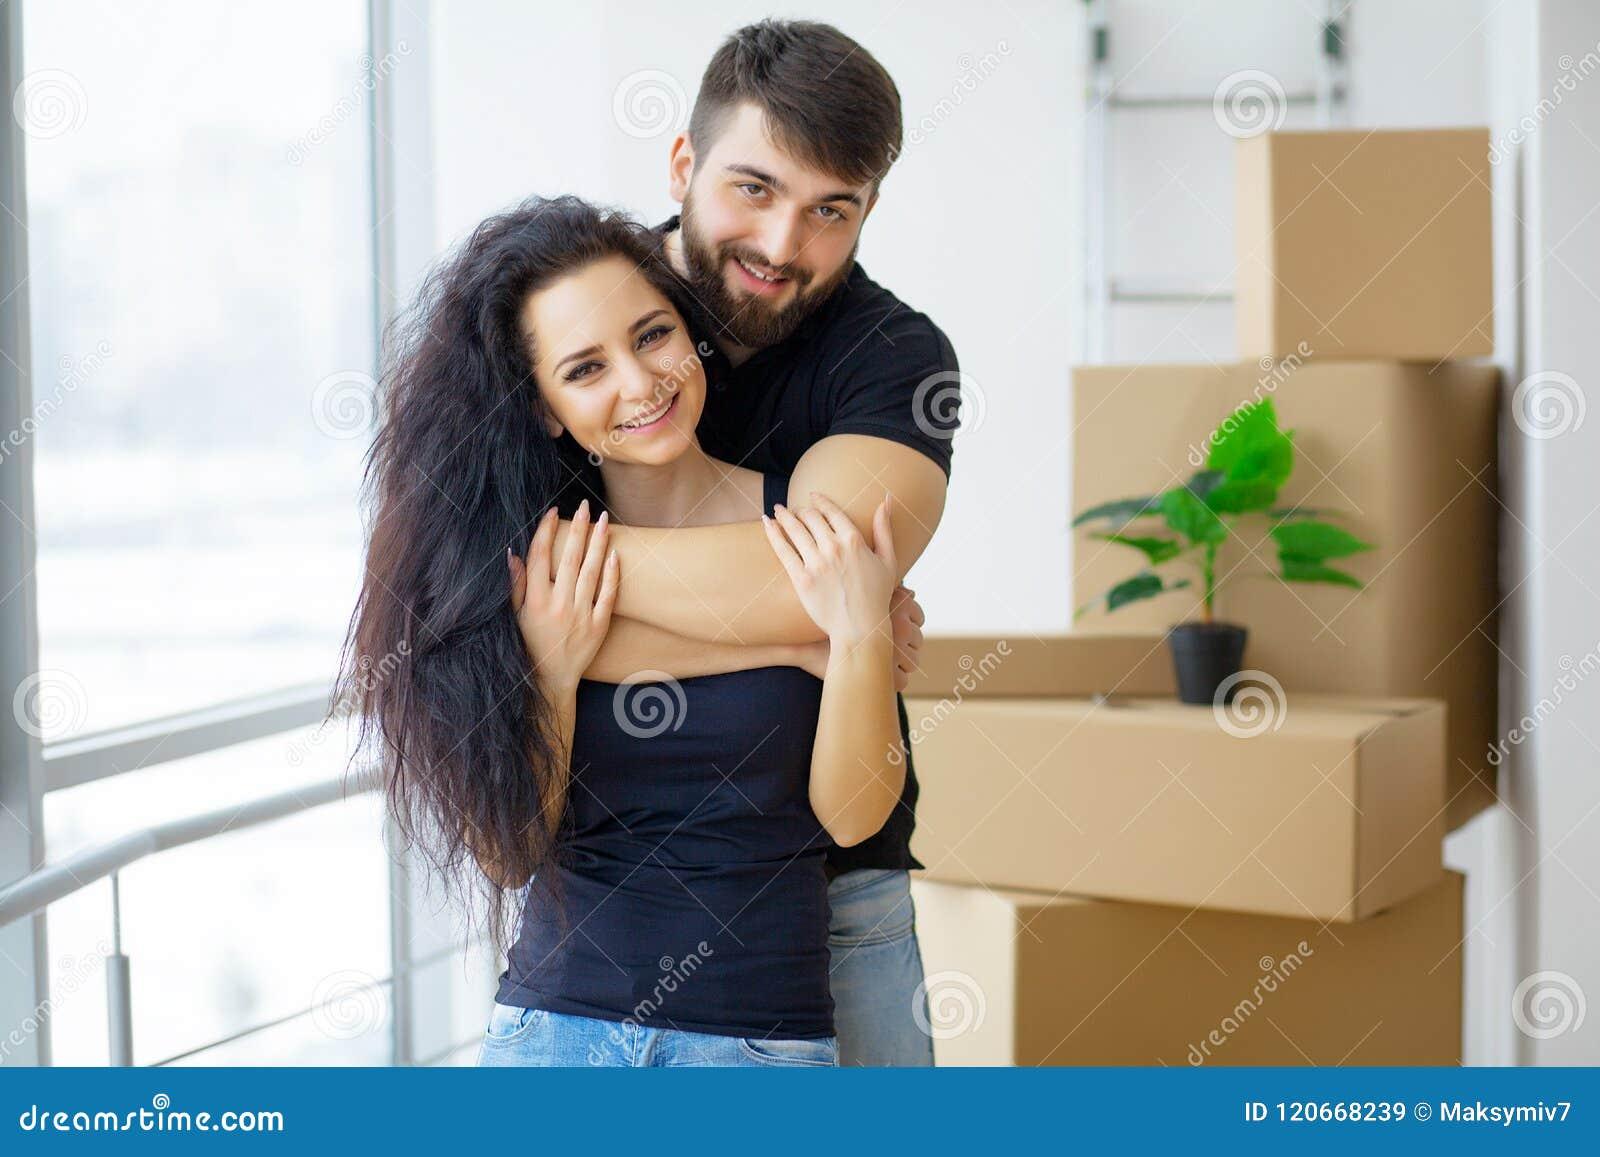 Glückliche junge Paare, die in das neue Haus auspackt Kästen sich bewegen